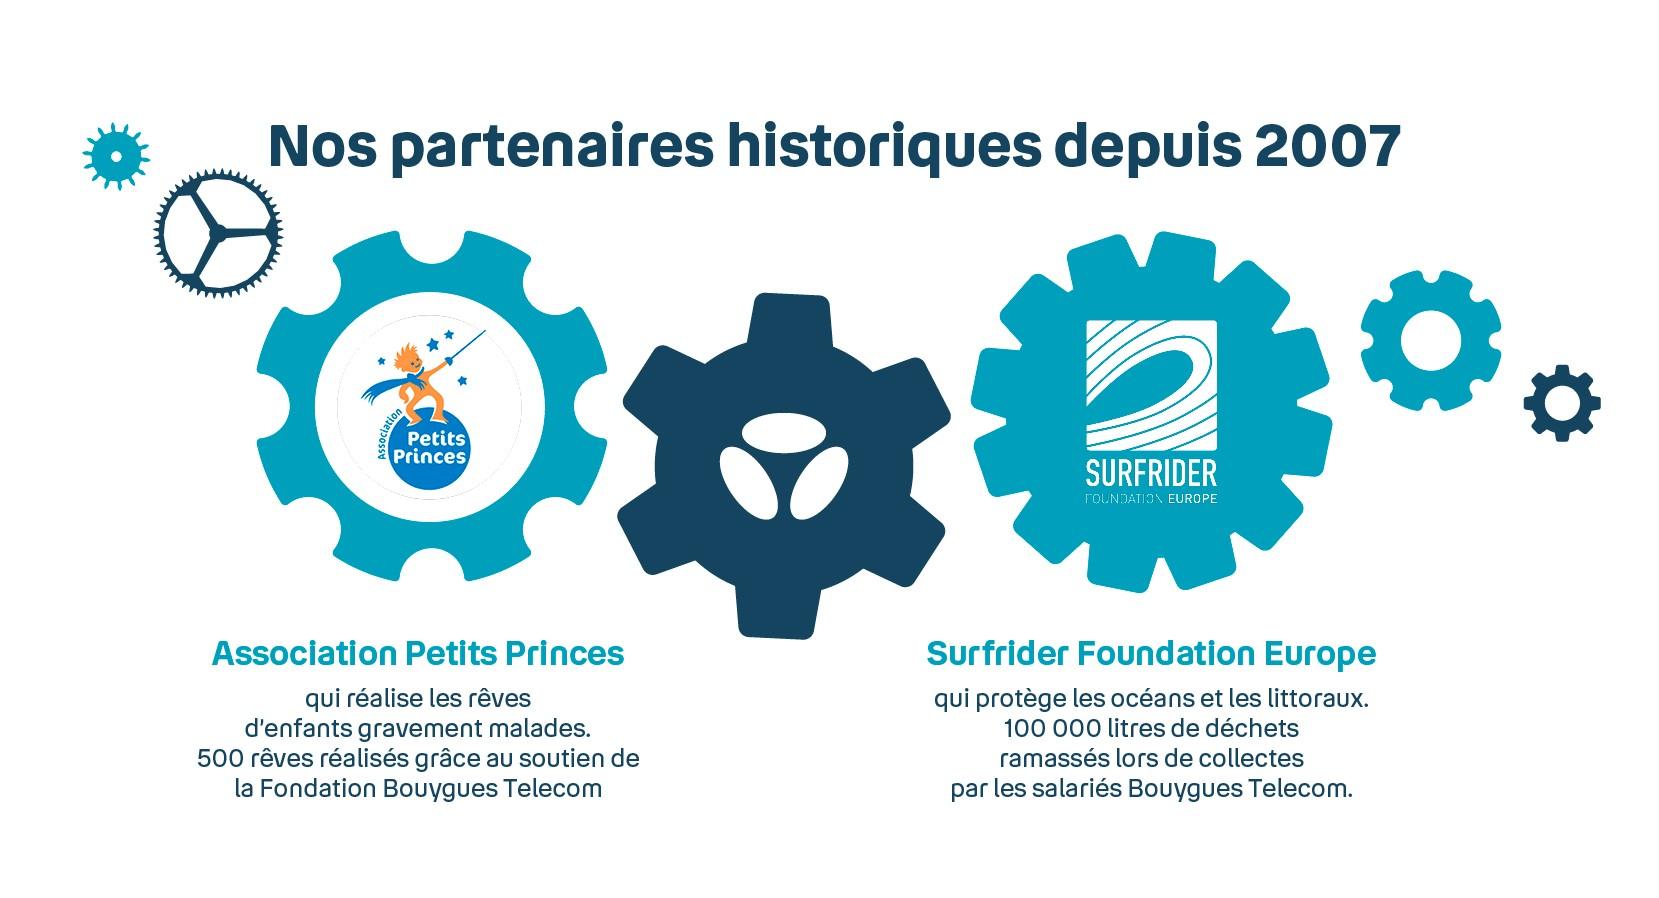 Les partenaires historiques de La Fondation Bouygues Telecom